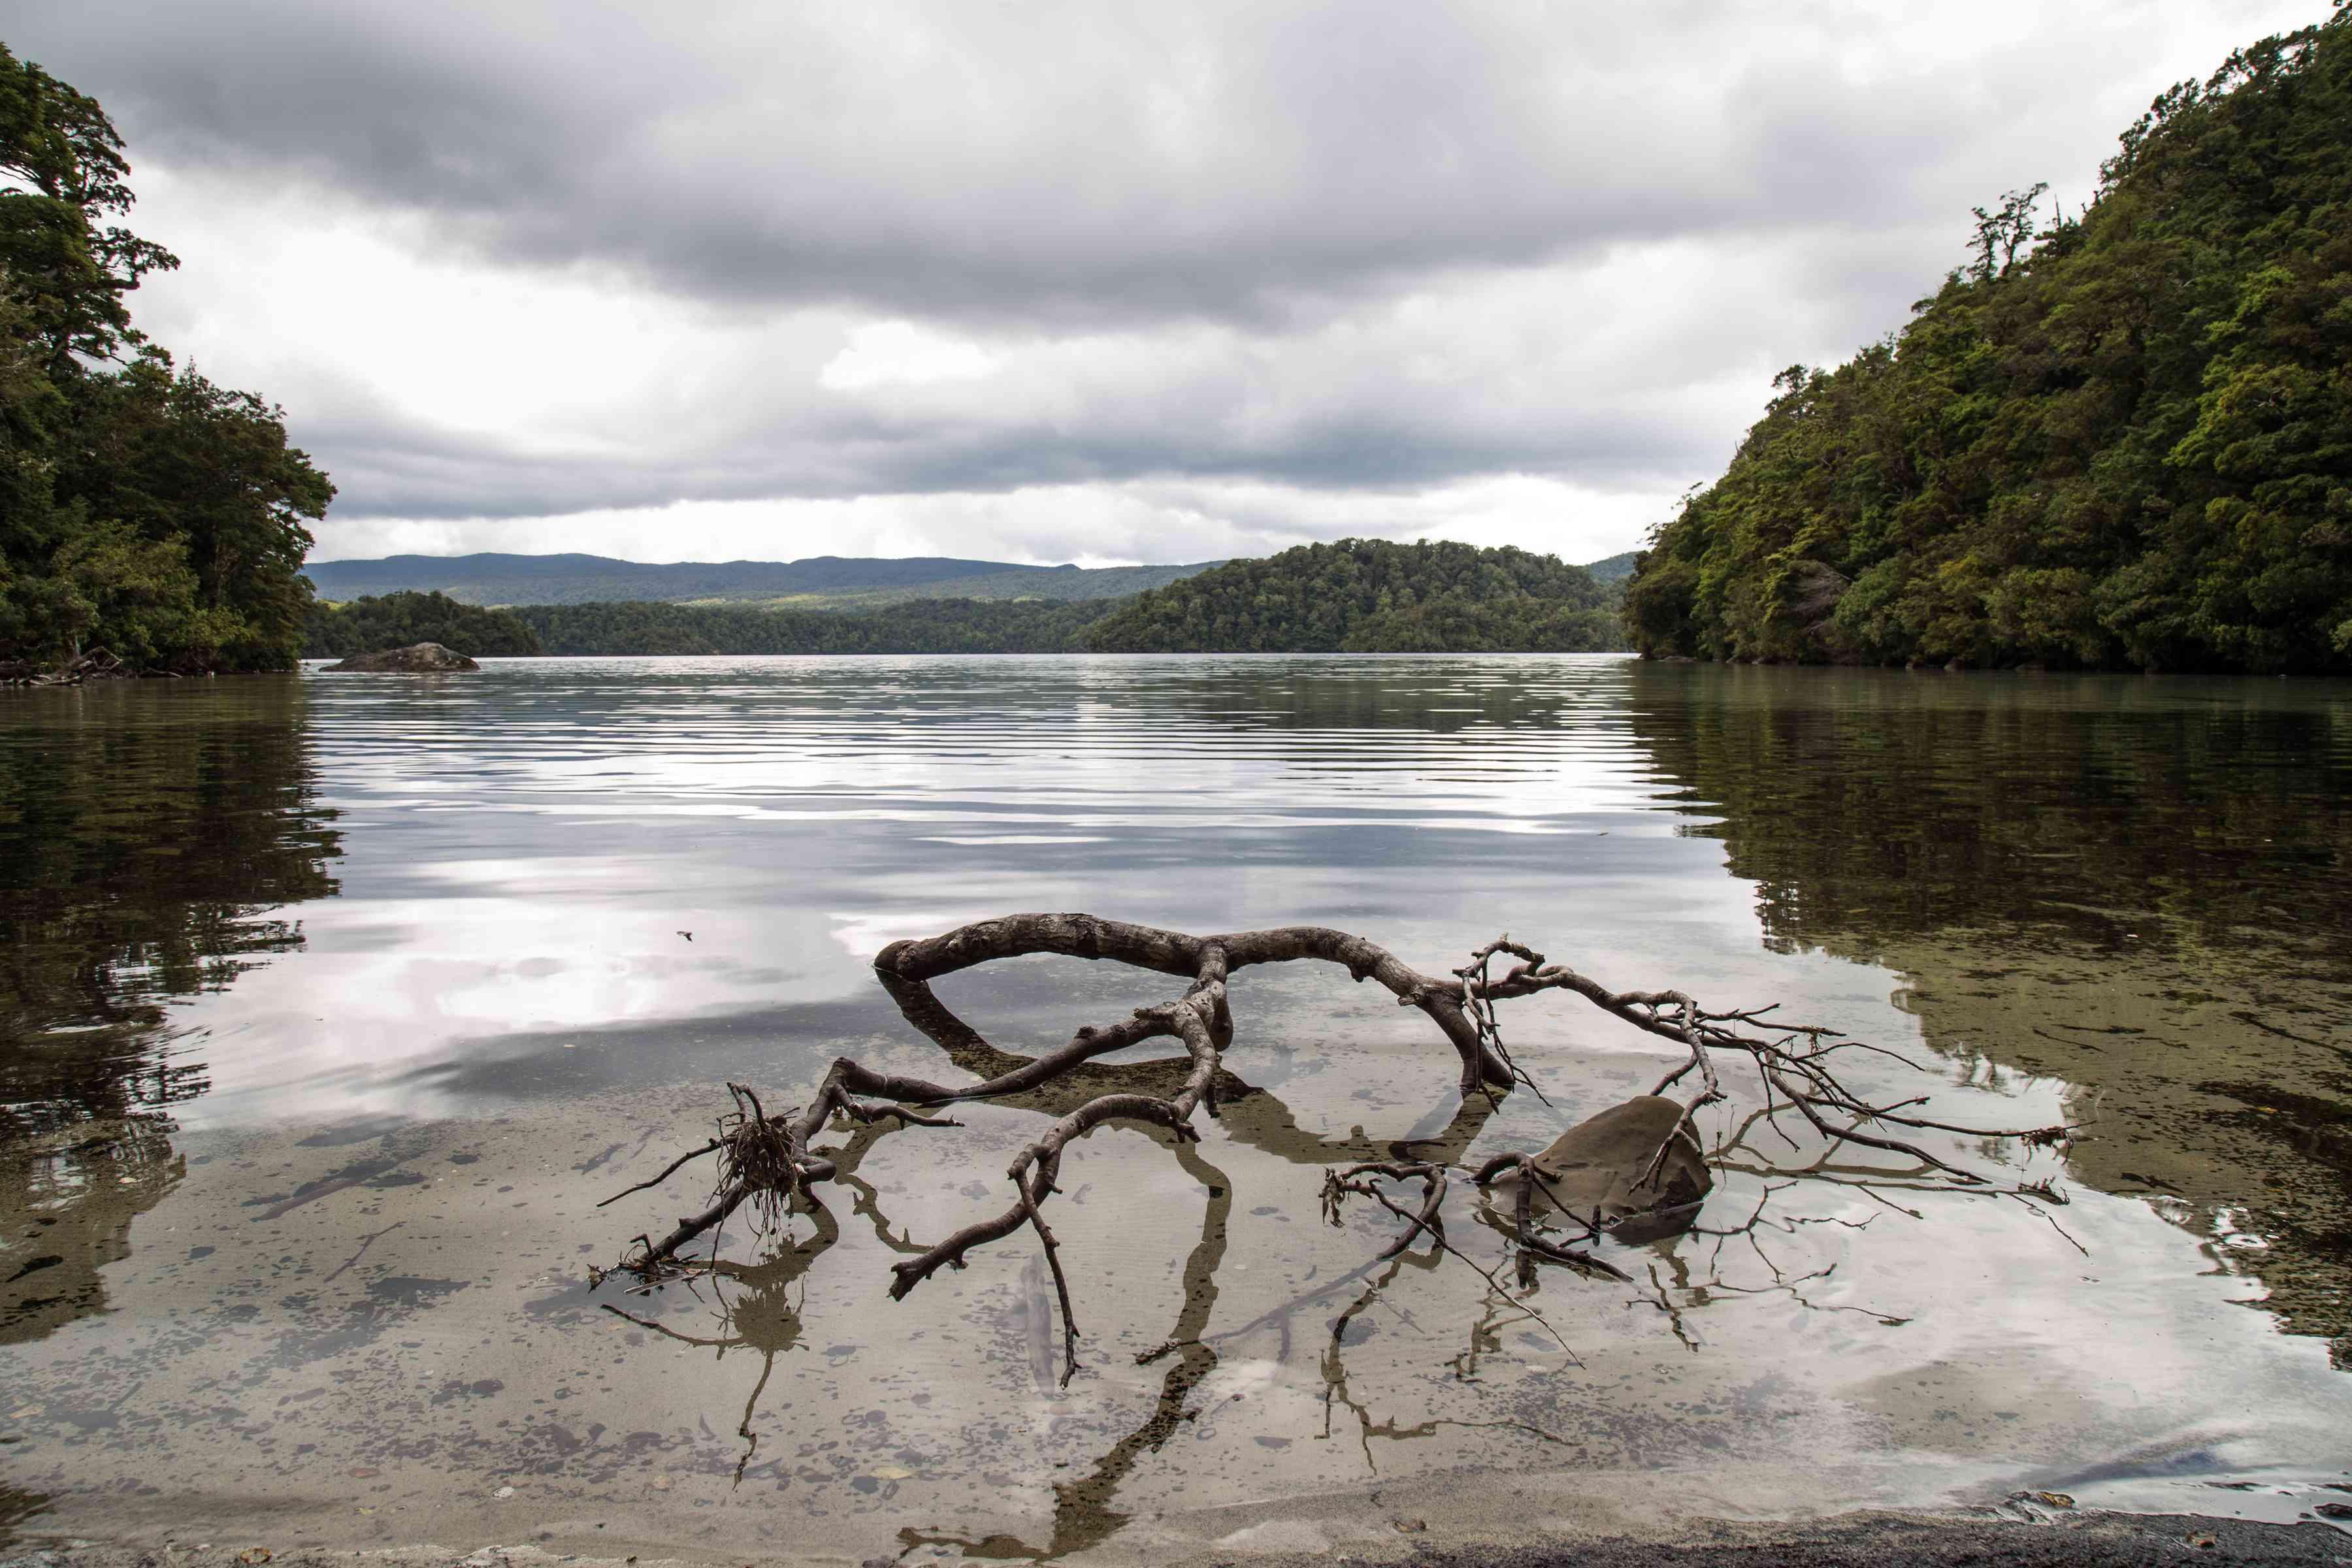 tranquilo y tranquilo lago en un día nublado y sombrío con el tronco de un árbol en el agua, el lago Waikareiti